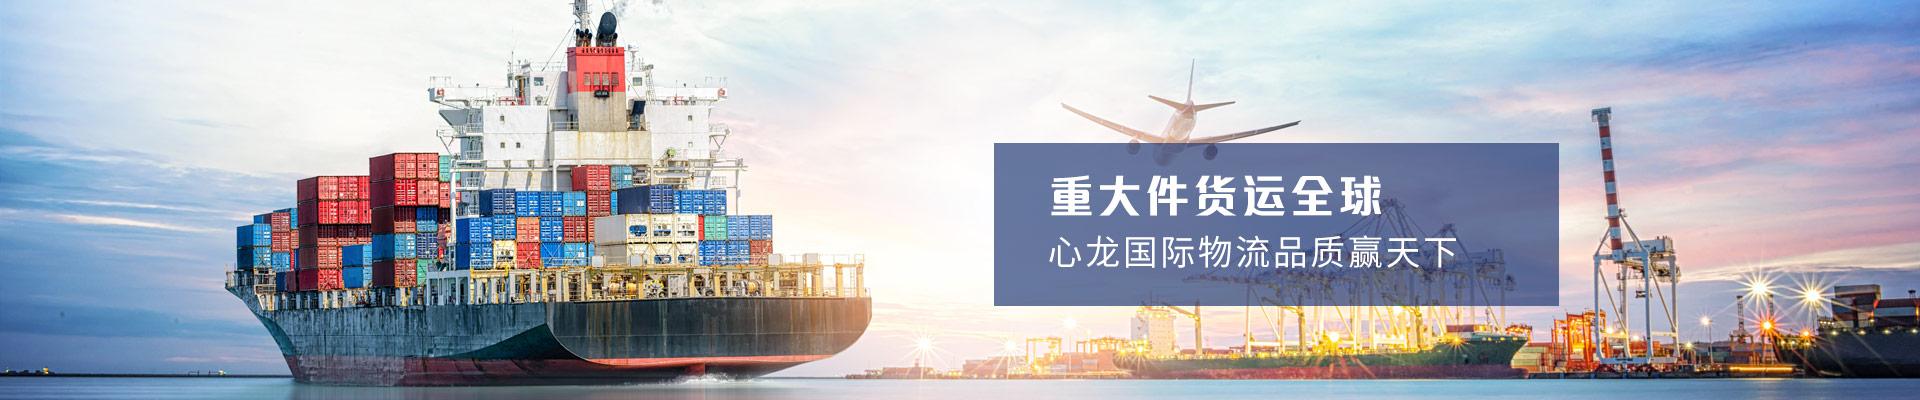 心龙物流重大件货运全球